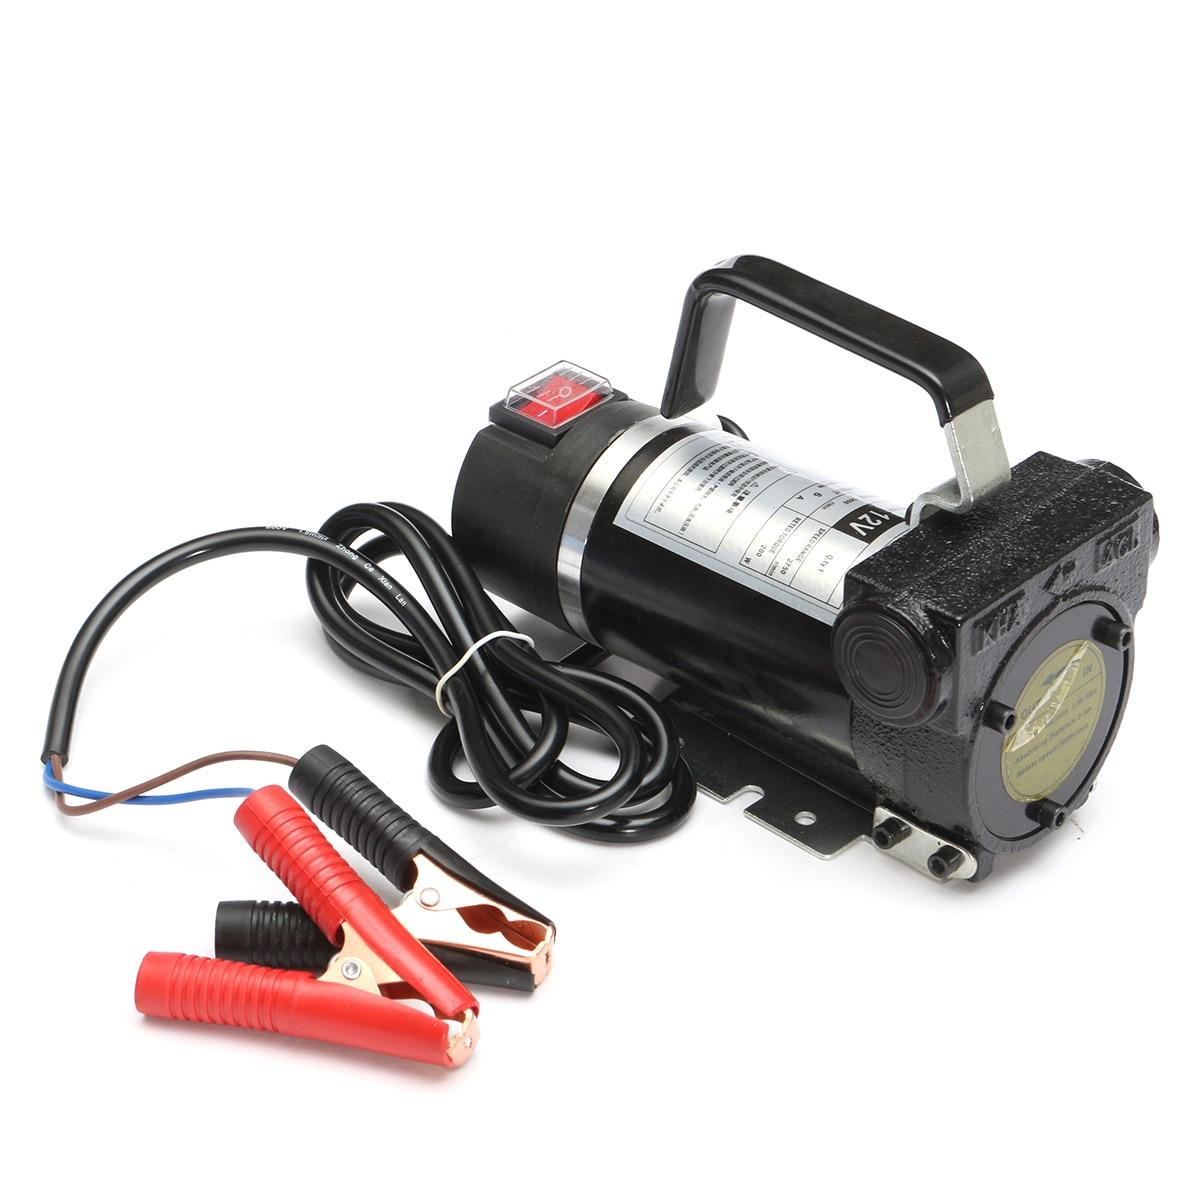 12 v 200 W Voiture Moto Portable Électrique Mazout Extractor Pompe De Transfert 45L/Min